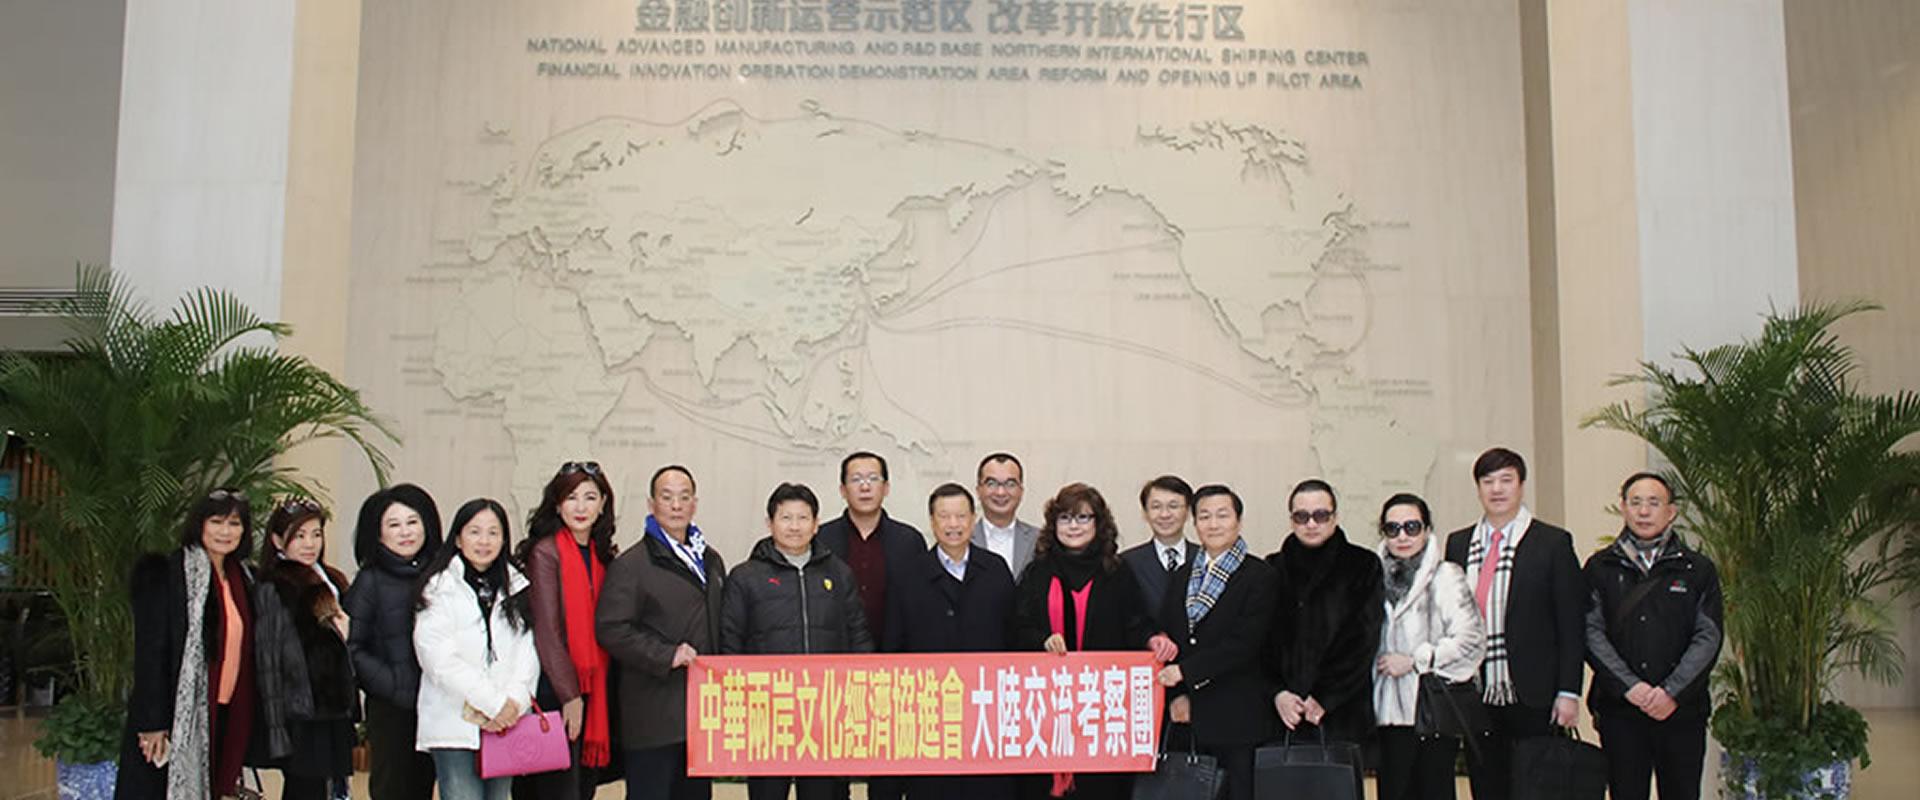 中華兩岸文化經濟協進會(首頁形象圖)-002